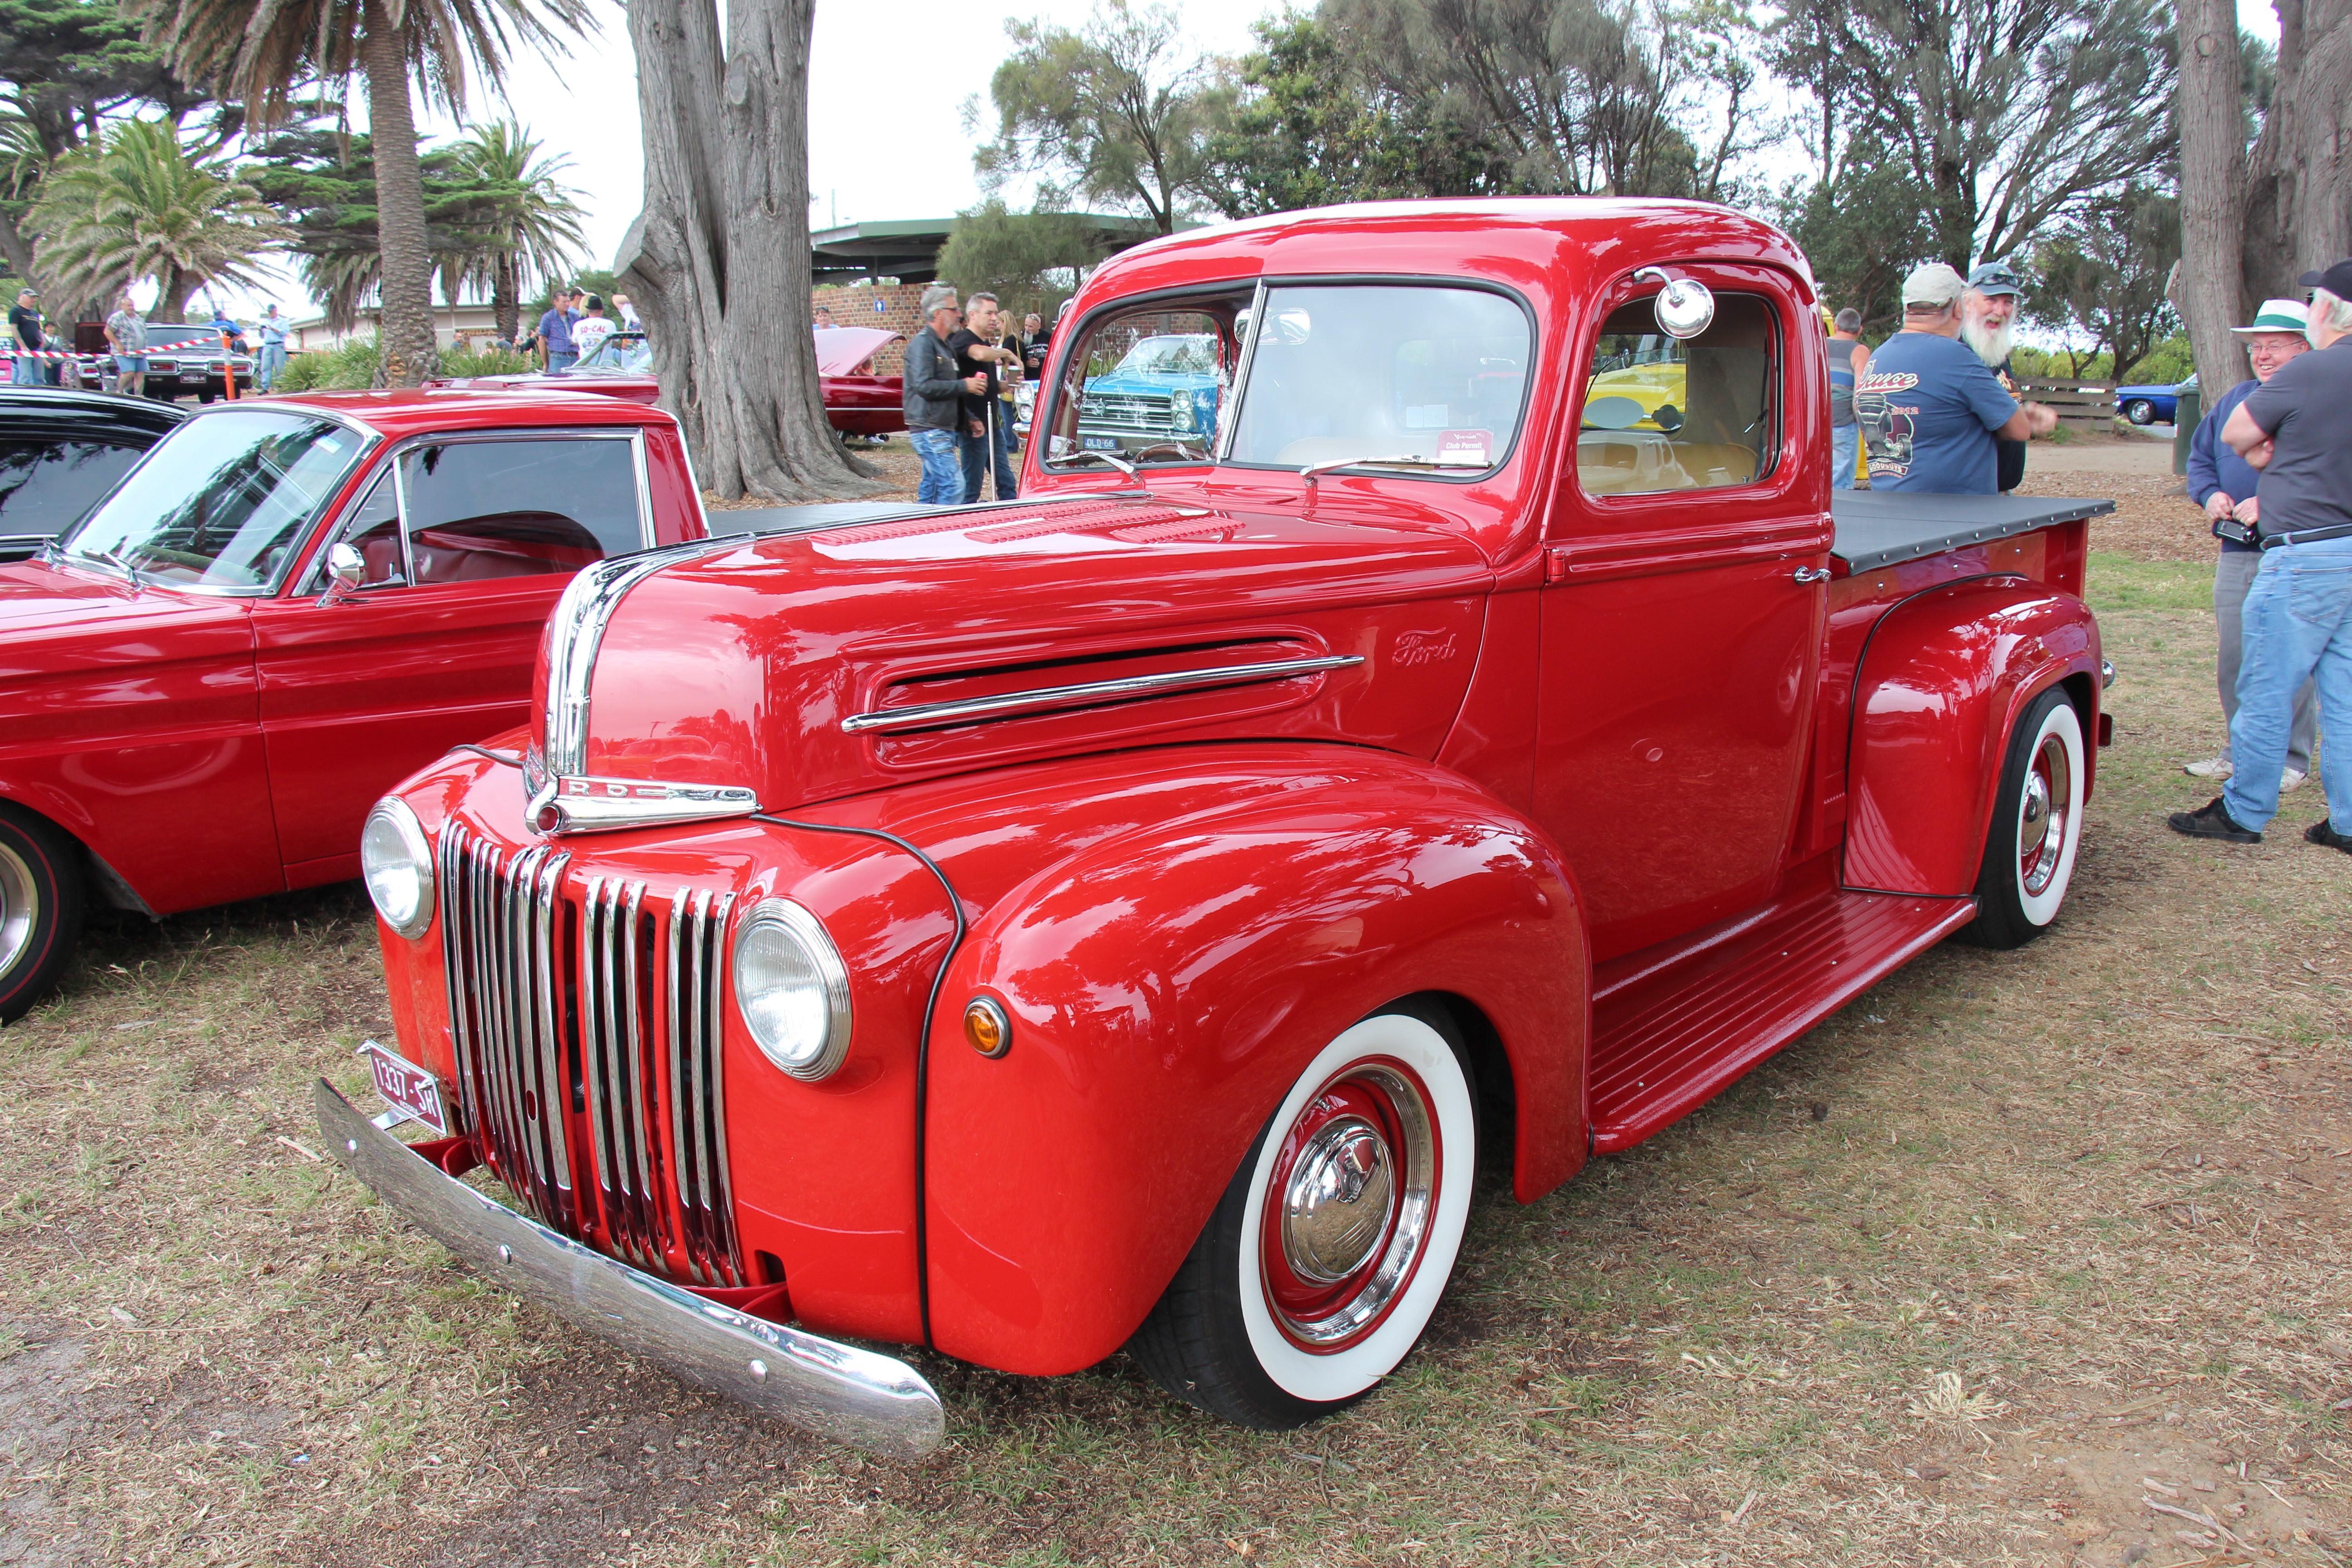 Vermillion Red Car Paint